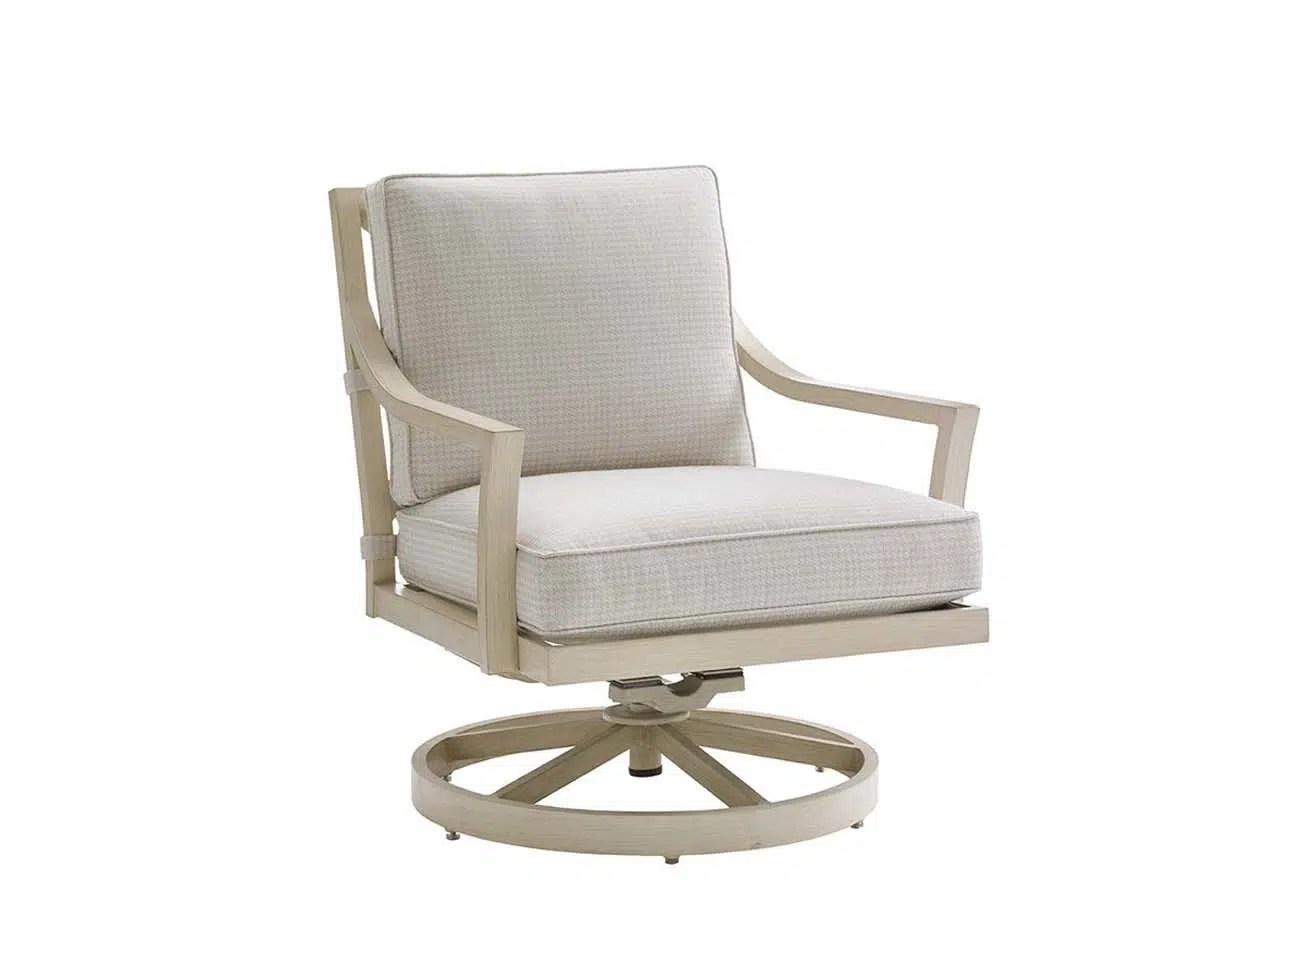 Misty Garden Swivel Rocker Lounge Chair  Hausers Patio